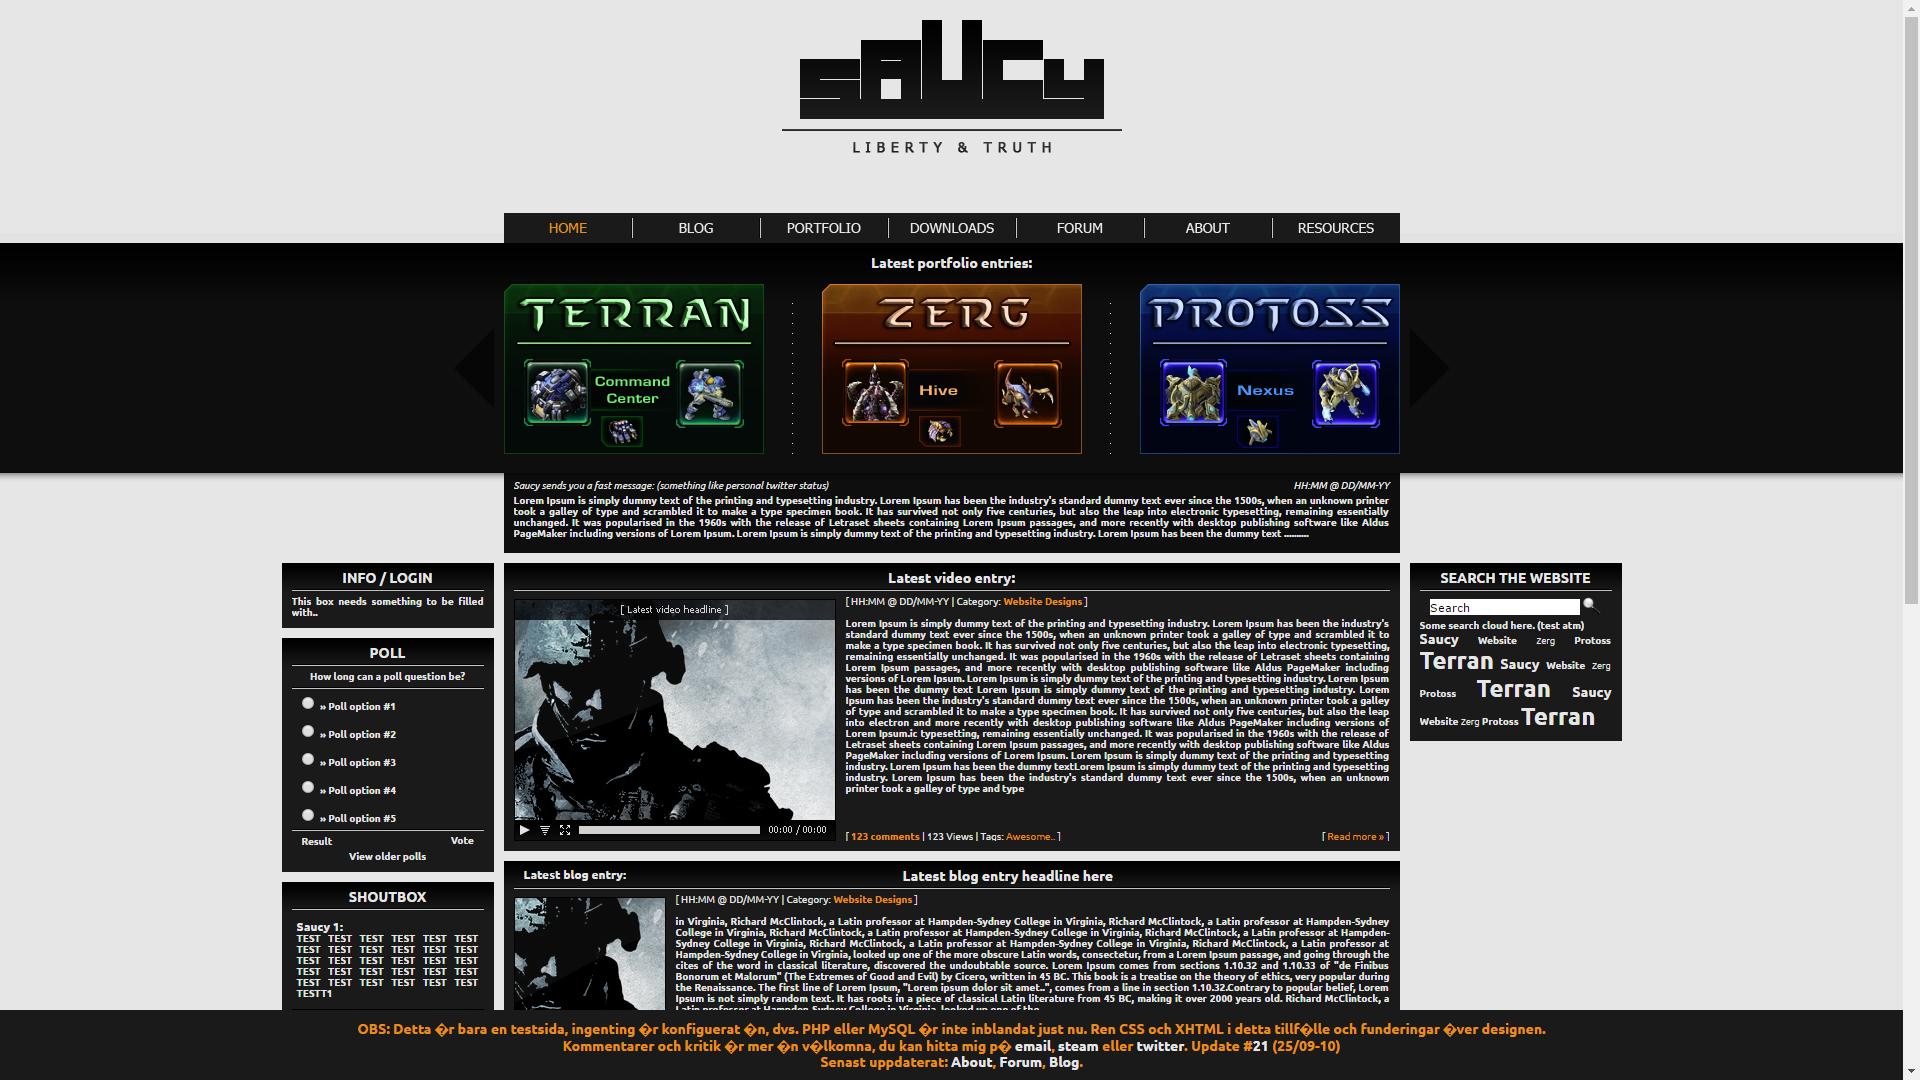 v1/assets/images/screenshot.png